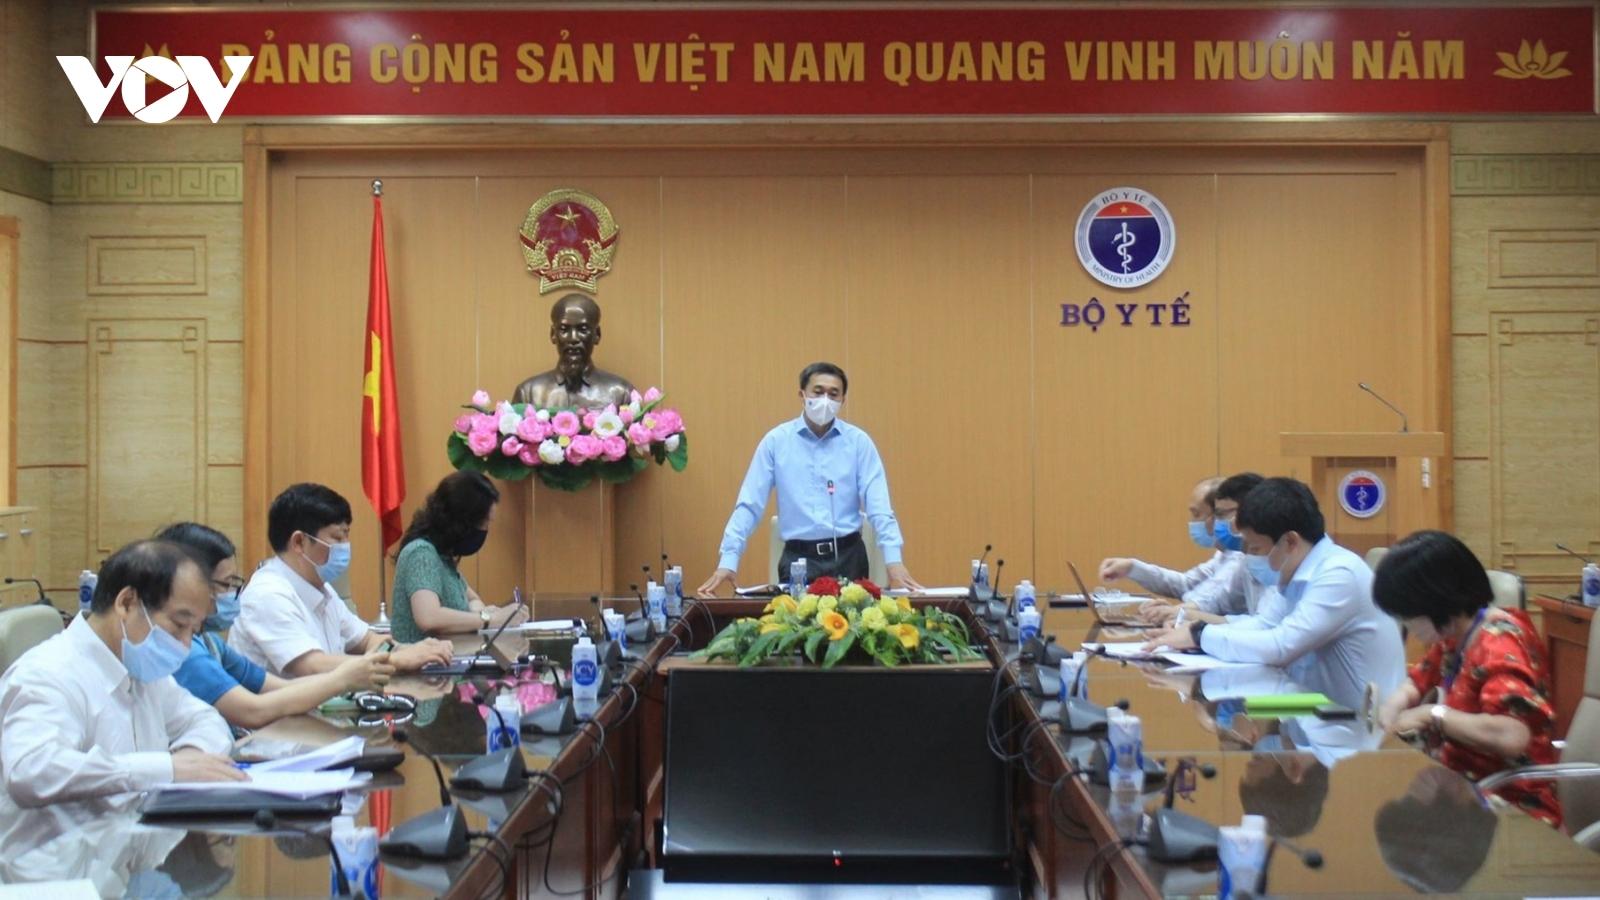 Việt Nam đủ năng lực xét nghiệm cho kịch bản 30.000 ca mắc COVID-19